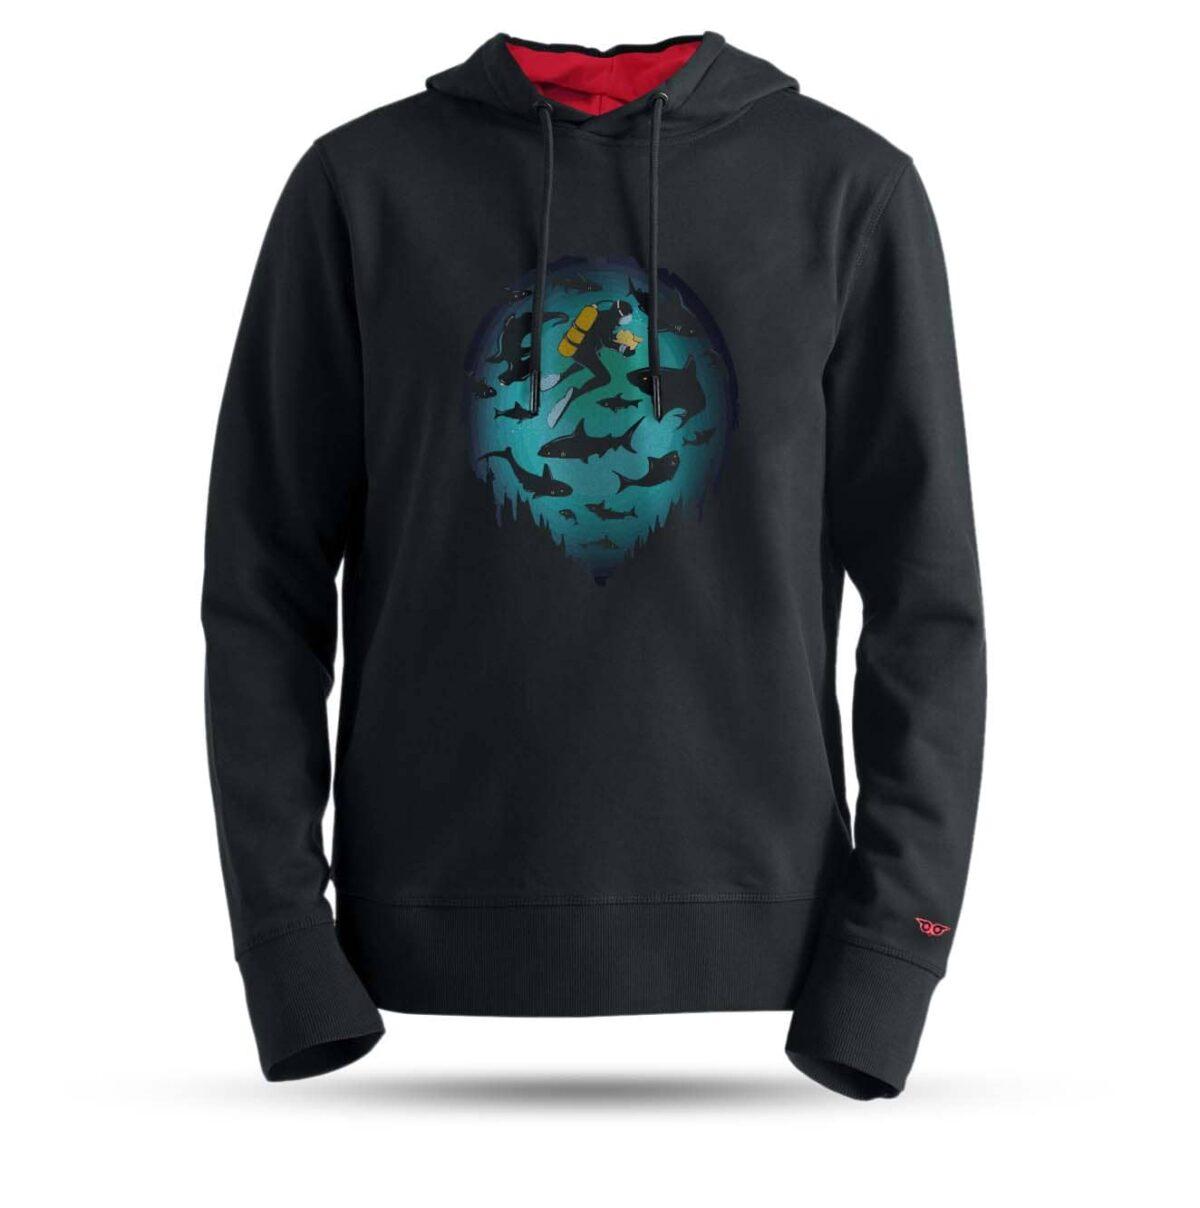 tarrzz-tasarim-kapsonlu-sweatshirt-dalgic-ve-kopekbalikli-deniz